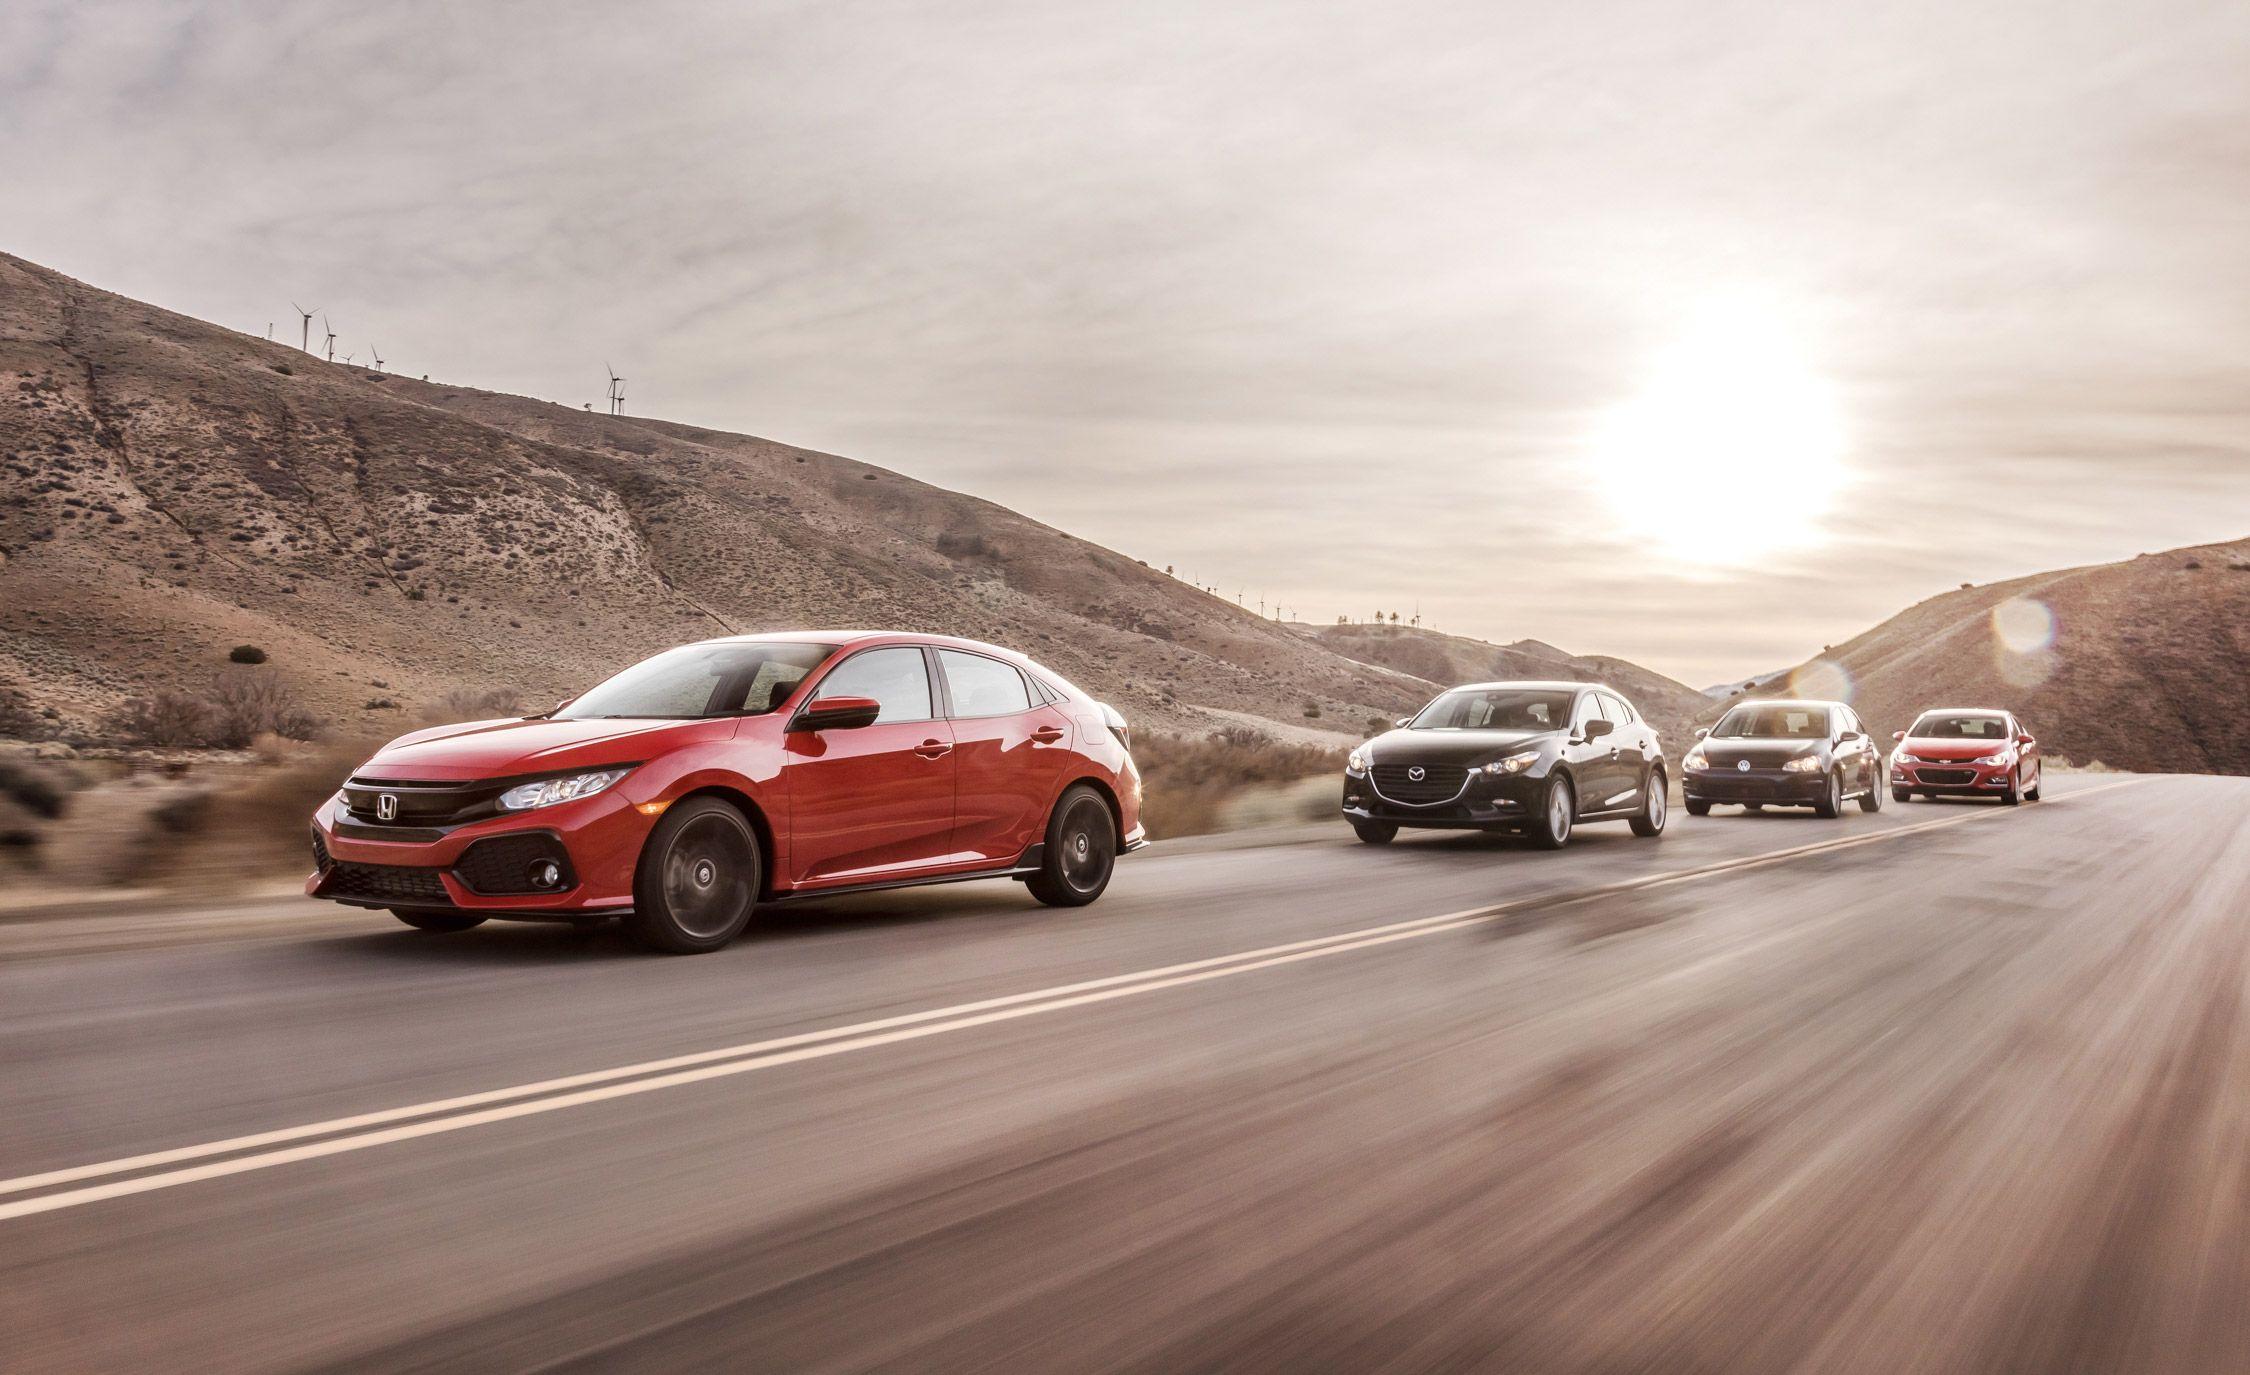 2017 honda civic hatchback vs chevy cruze mazda 3 vw golfdiagram as well volkswagen [ 2250 x 1375 Pixel ]